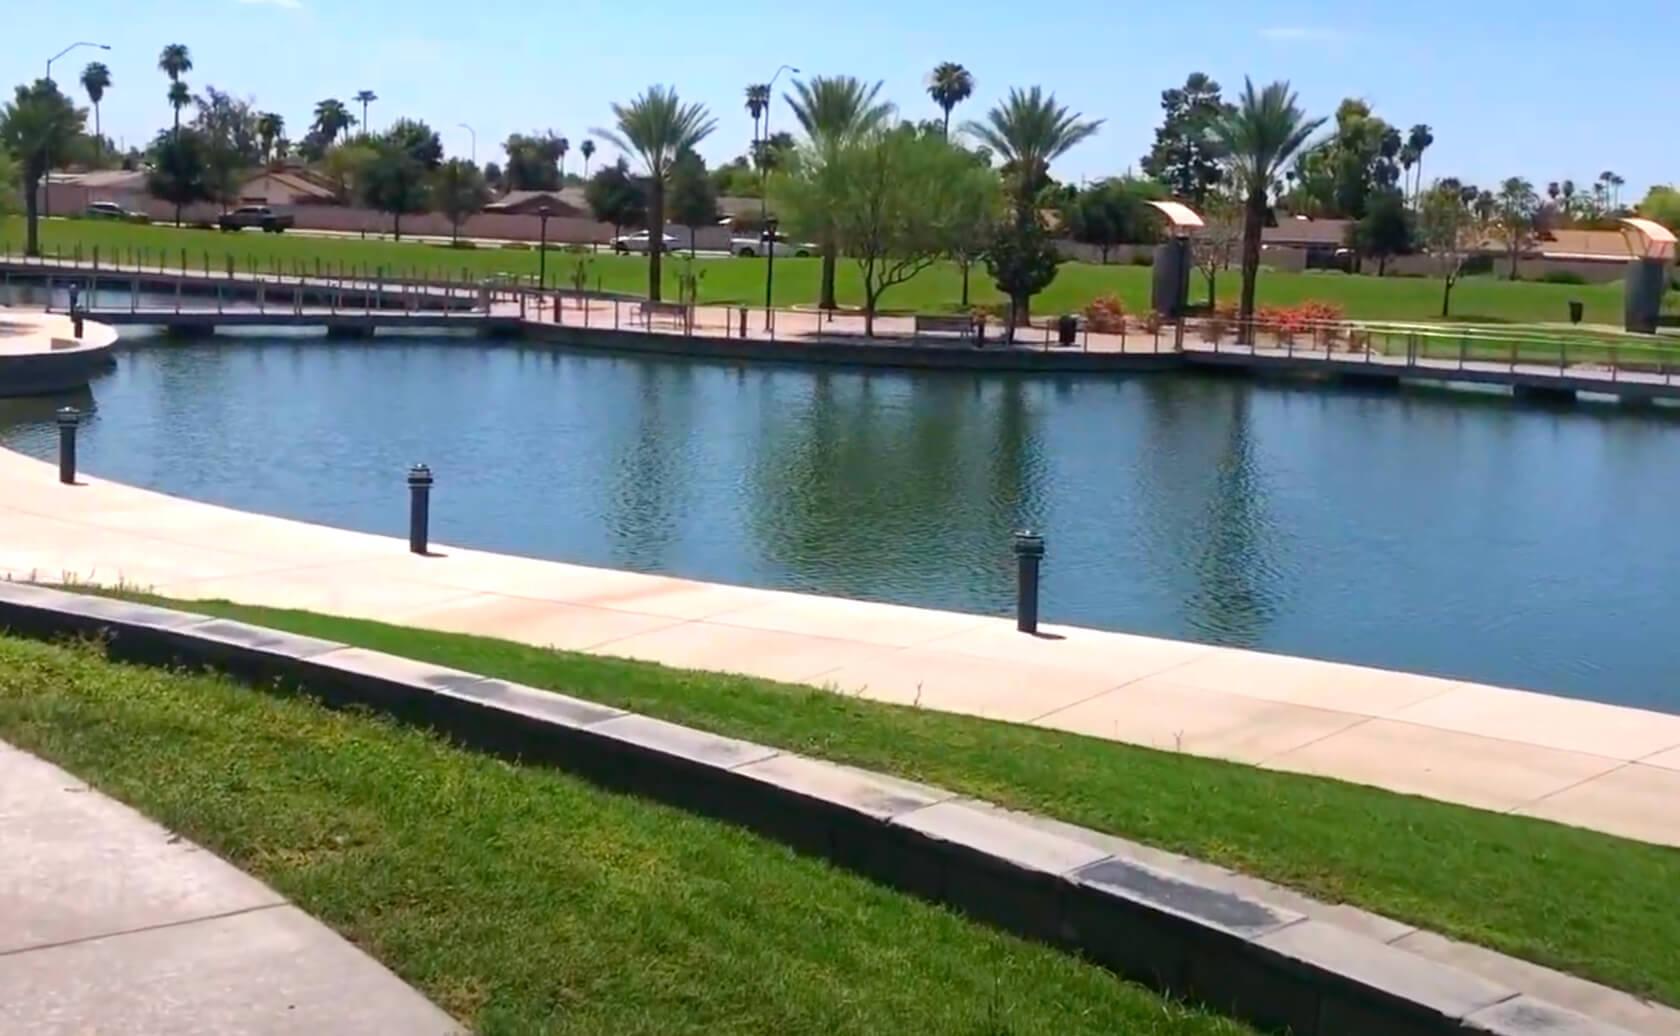 Riverview-Lake-Fishing-Guide-Mesa-AZ-01